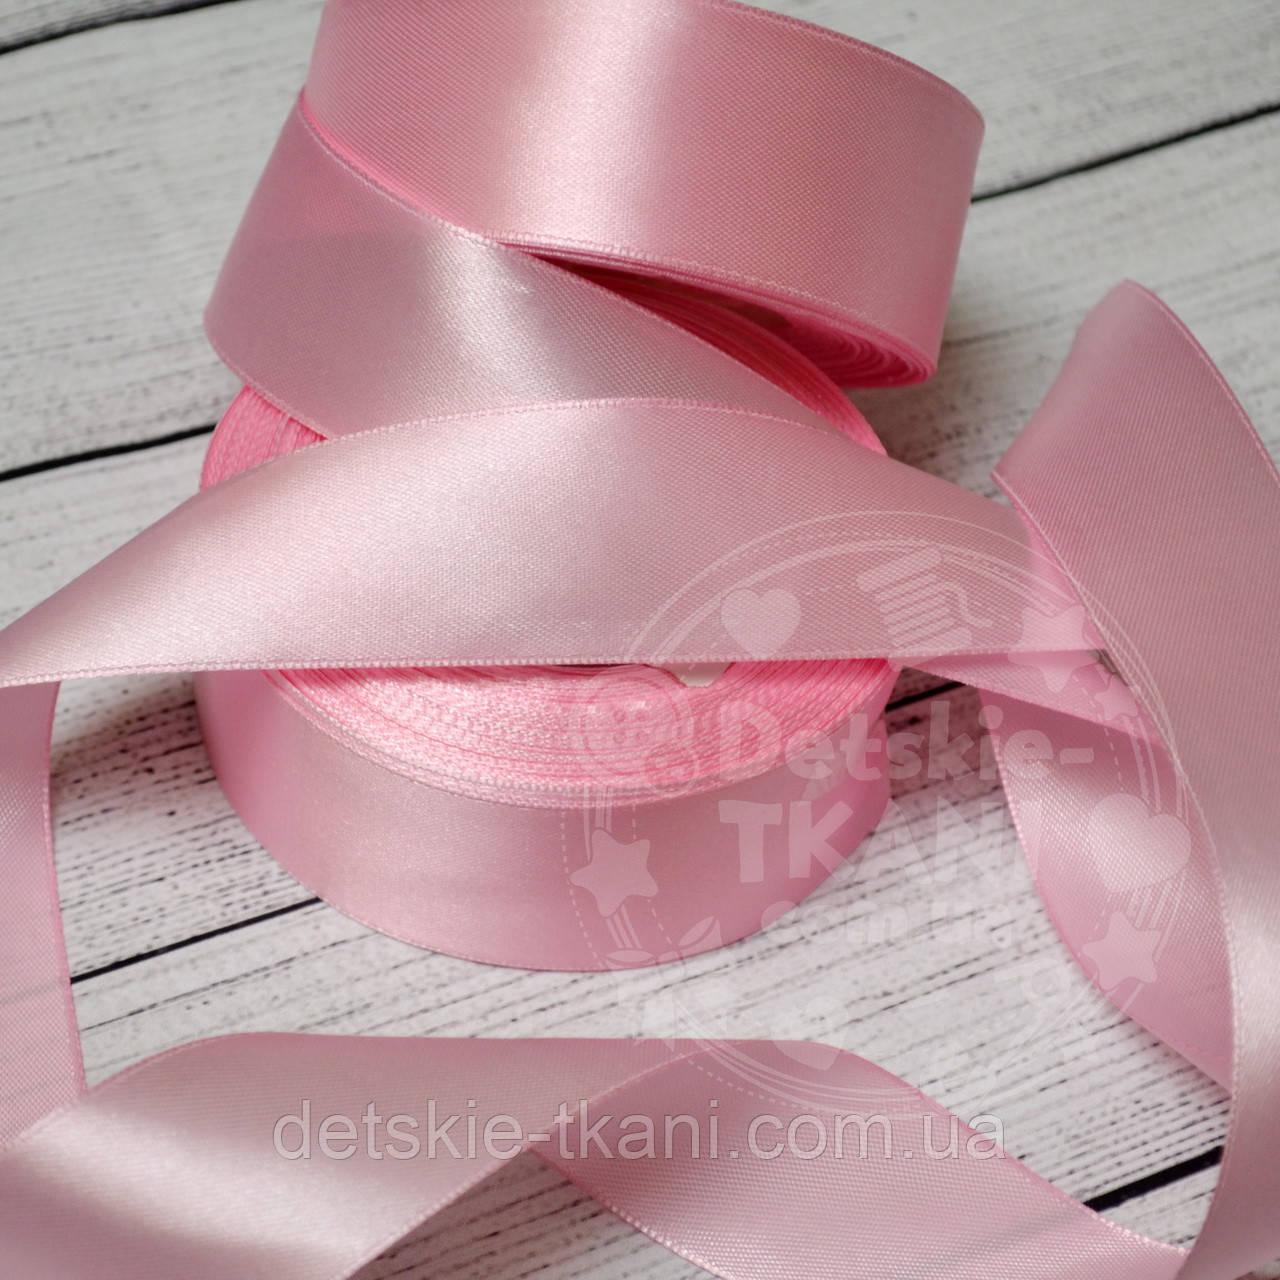 Лента сатиновая розовая шириной 30 мм